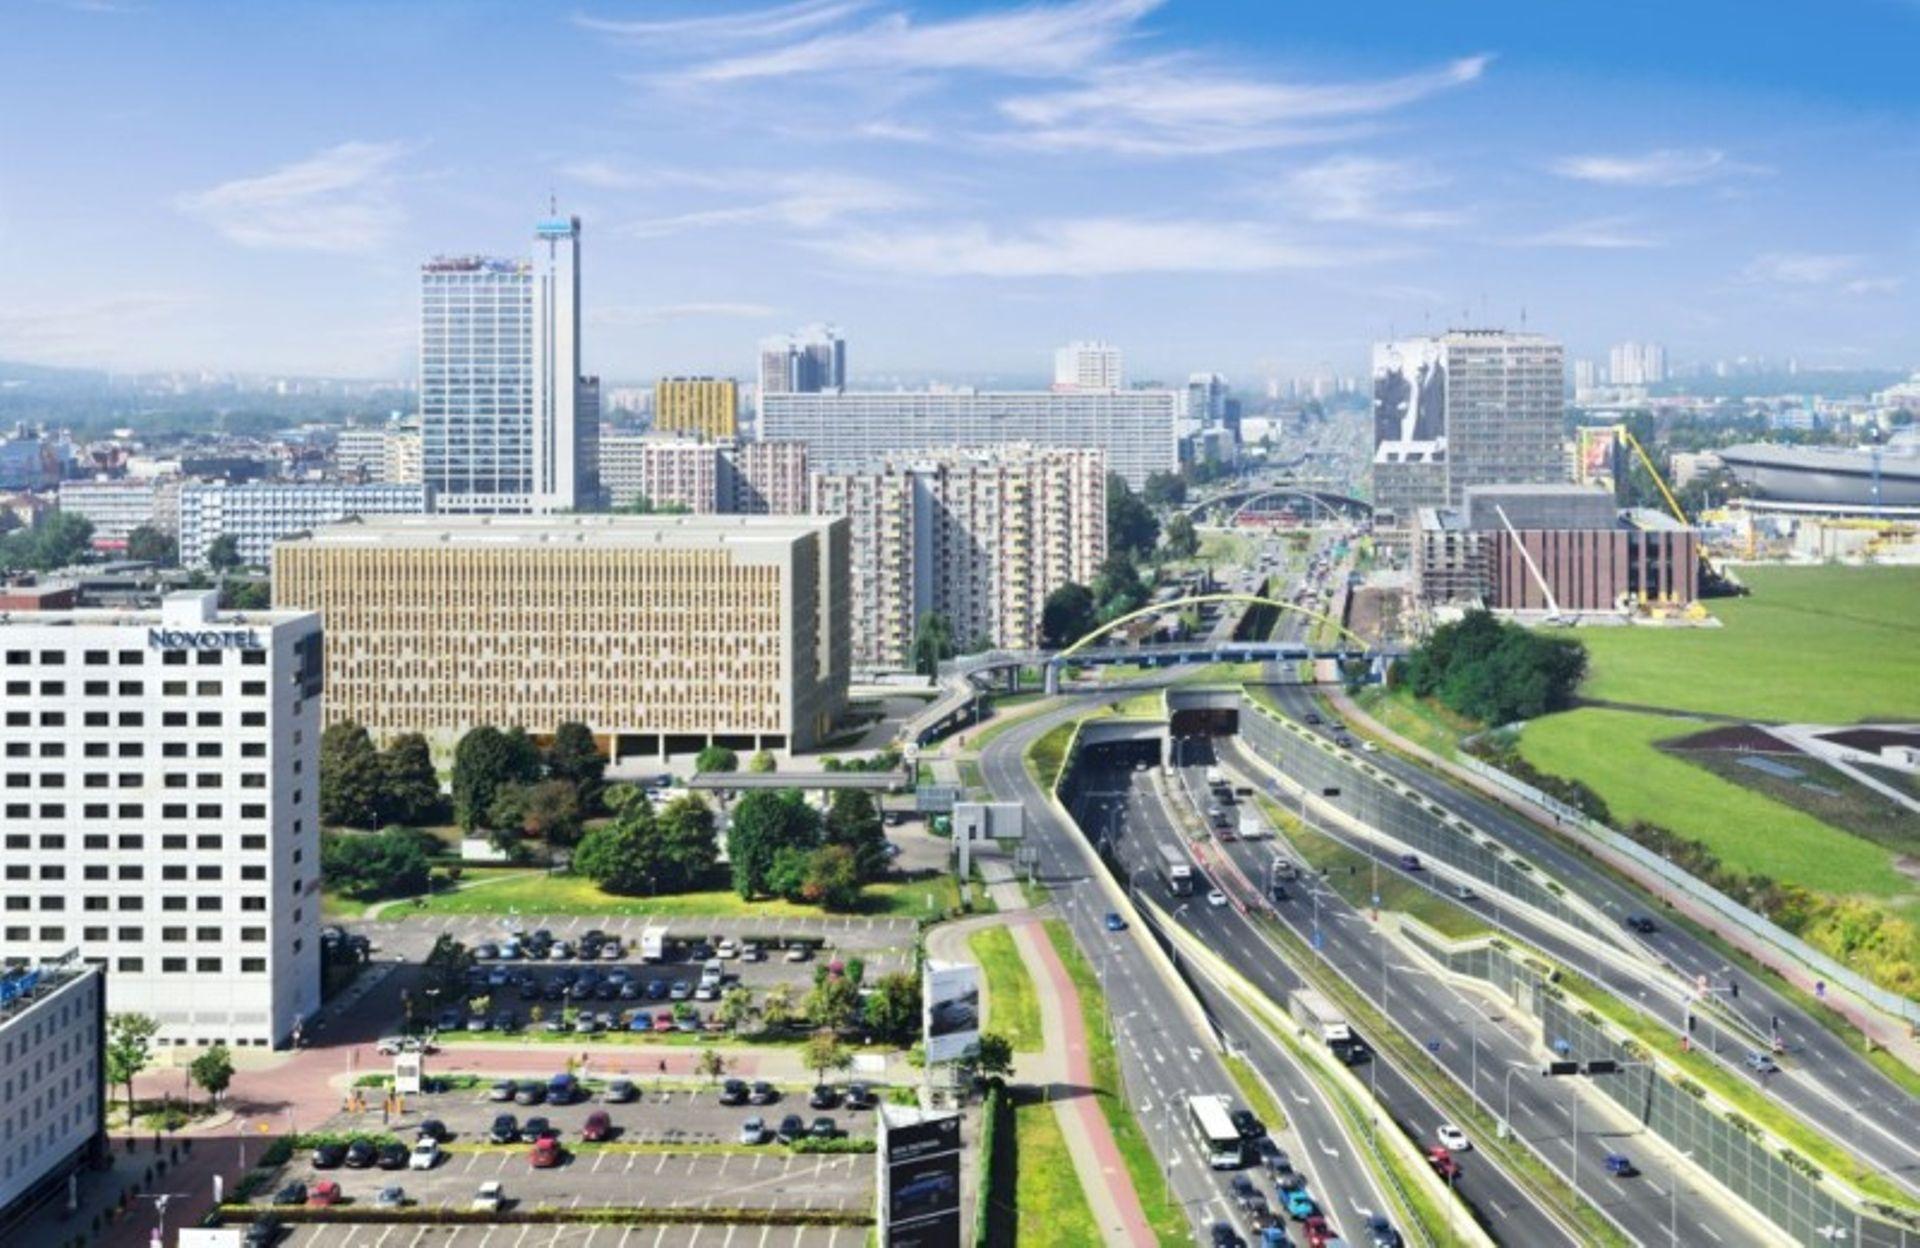 Holenderski TMF Group stawia na Katowice. Zwiększy zatrudnienie w swoim centrum